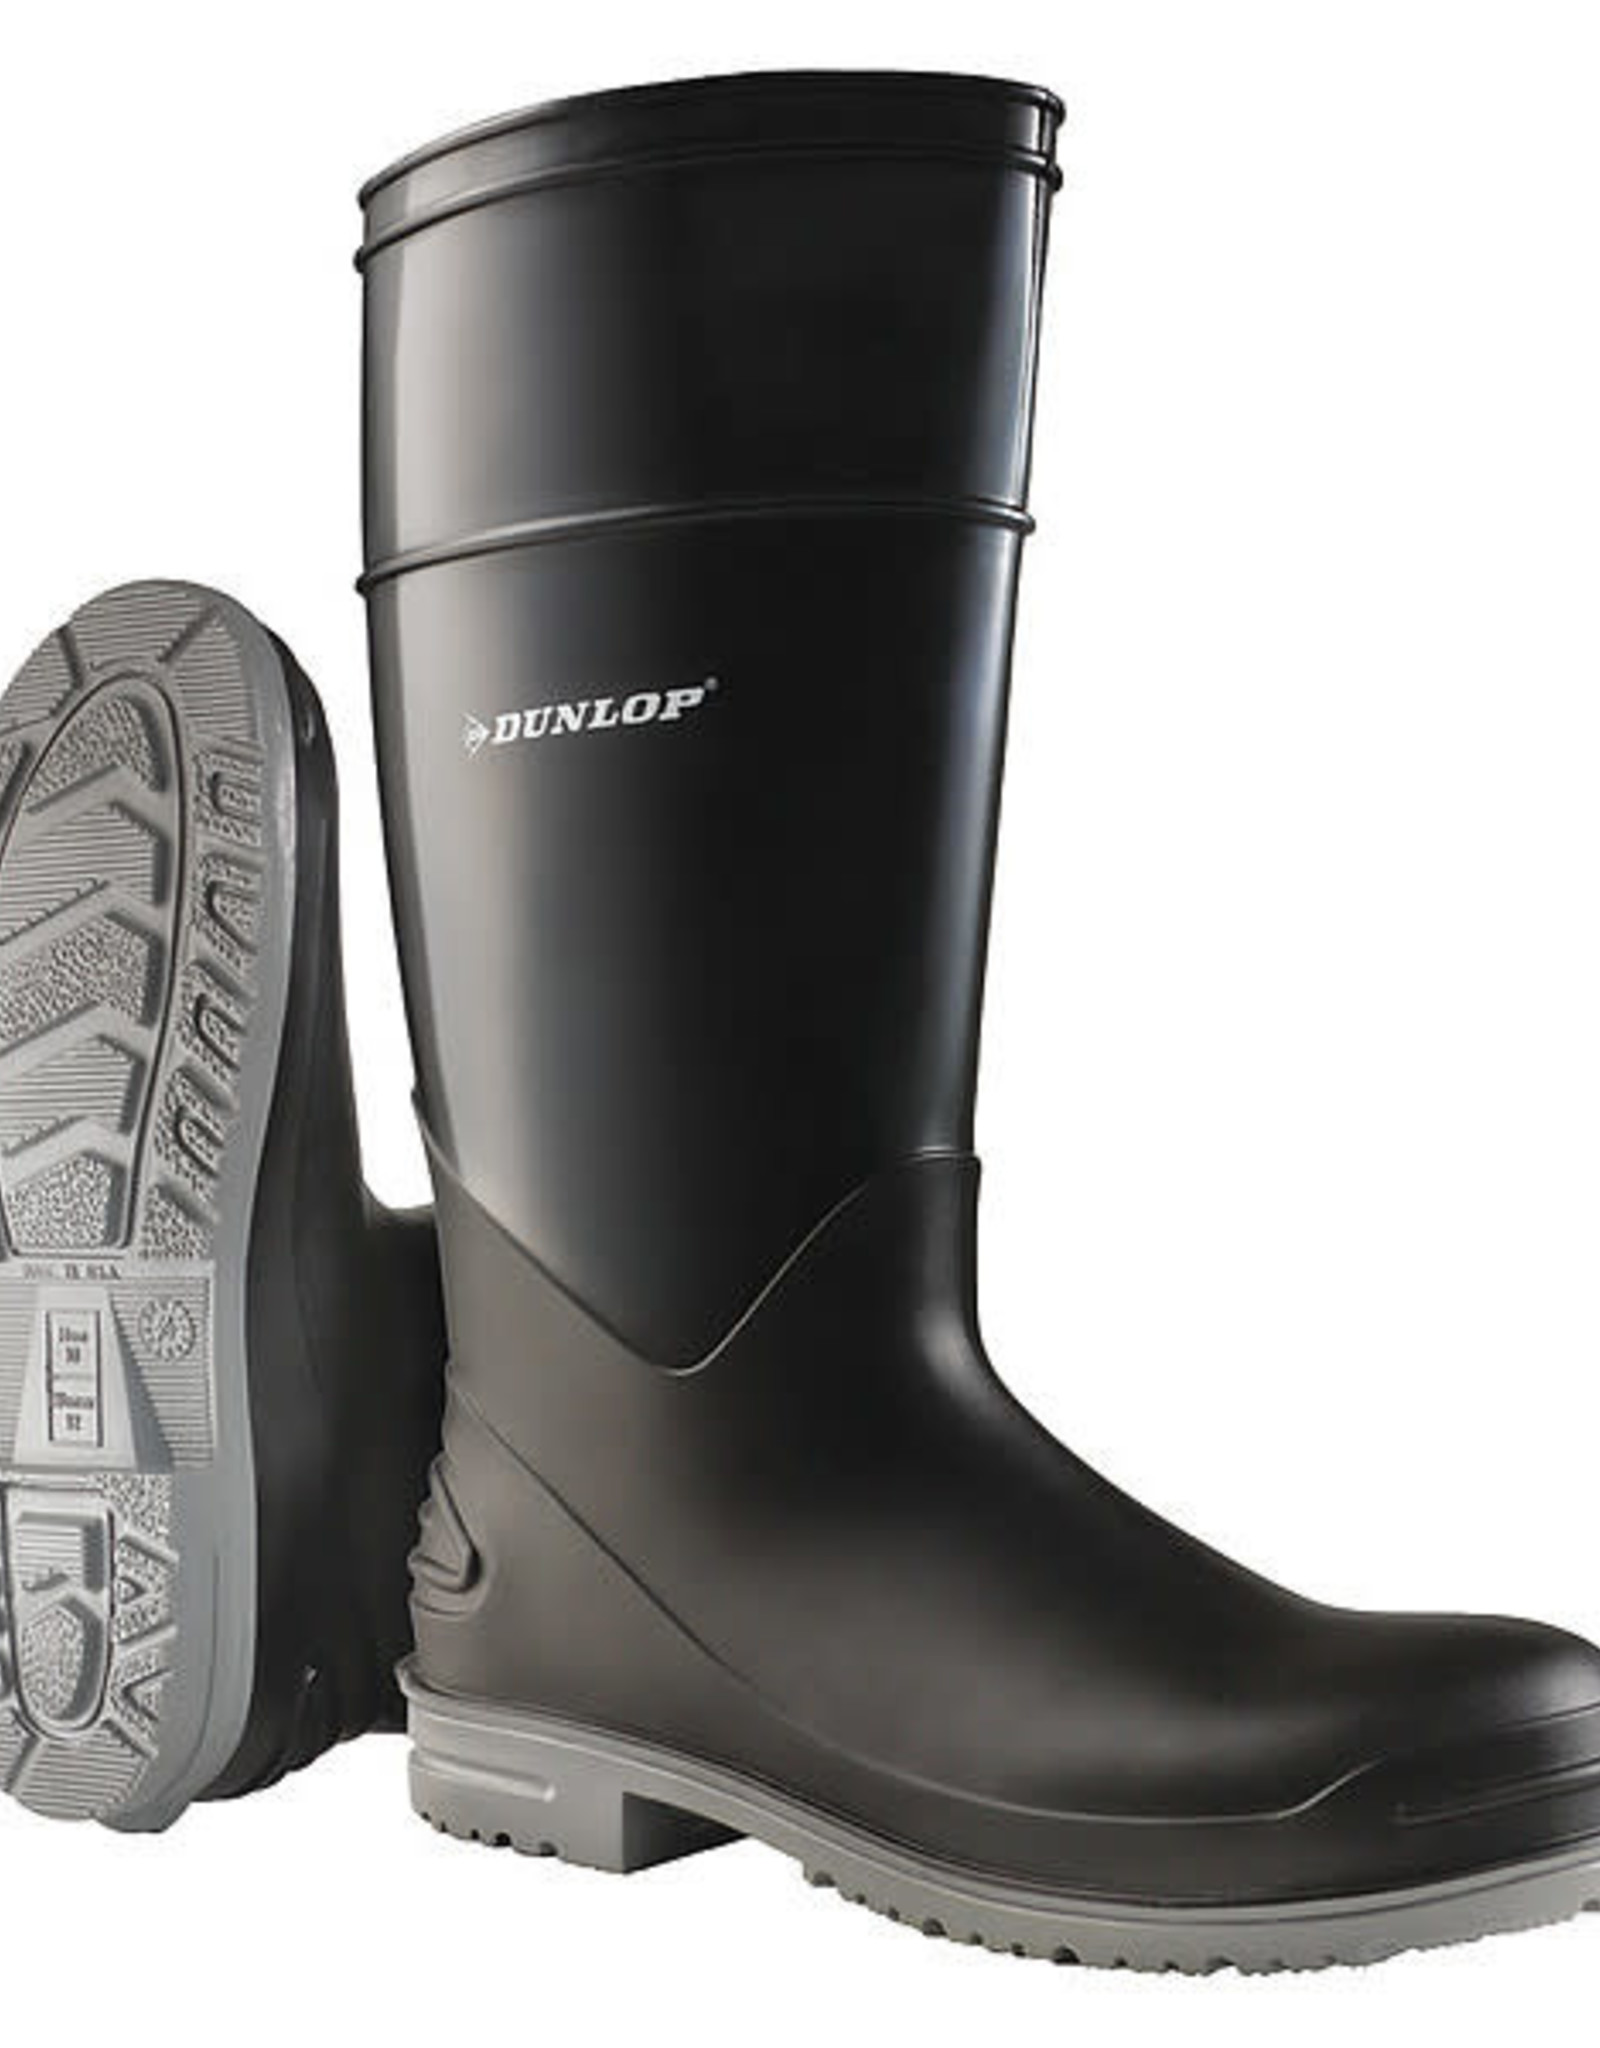 Dunlop Dunlop Boots, Black Knee High, Steel Toe, SZ. 13